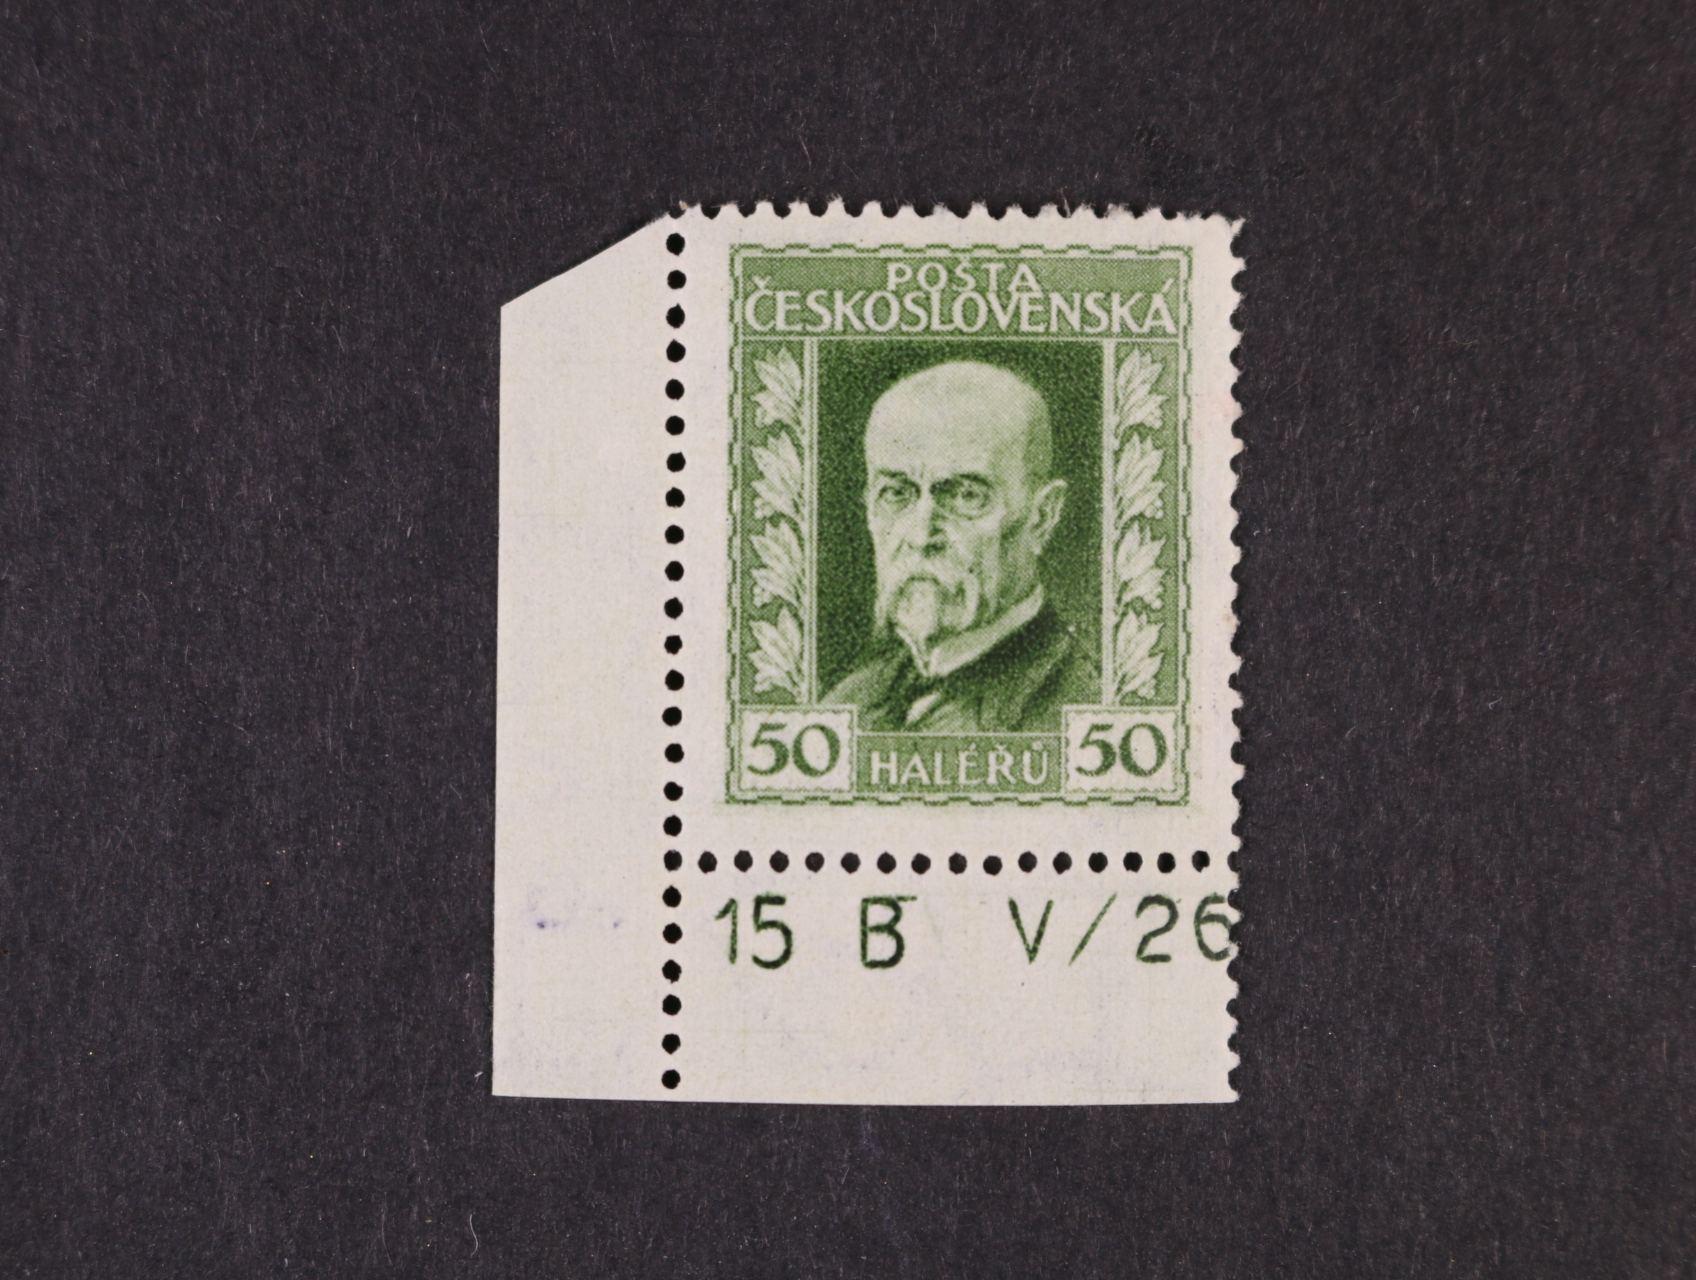 zn. č. 188 A, pr. 3 - levý spodní roh. kus s DZ 15 B  V/26